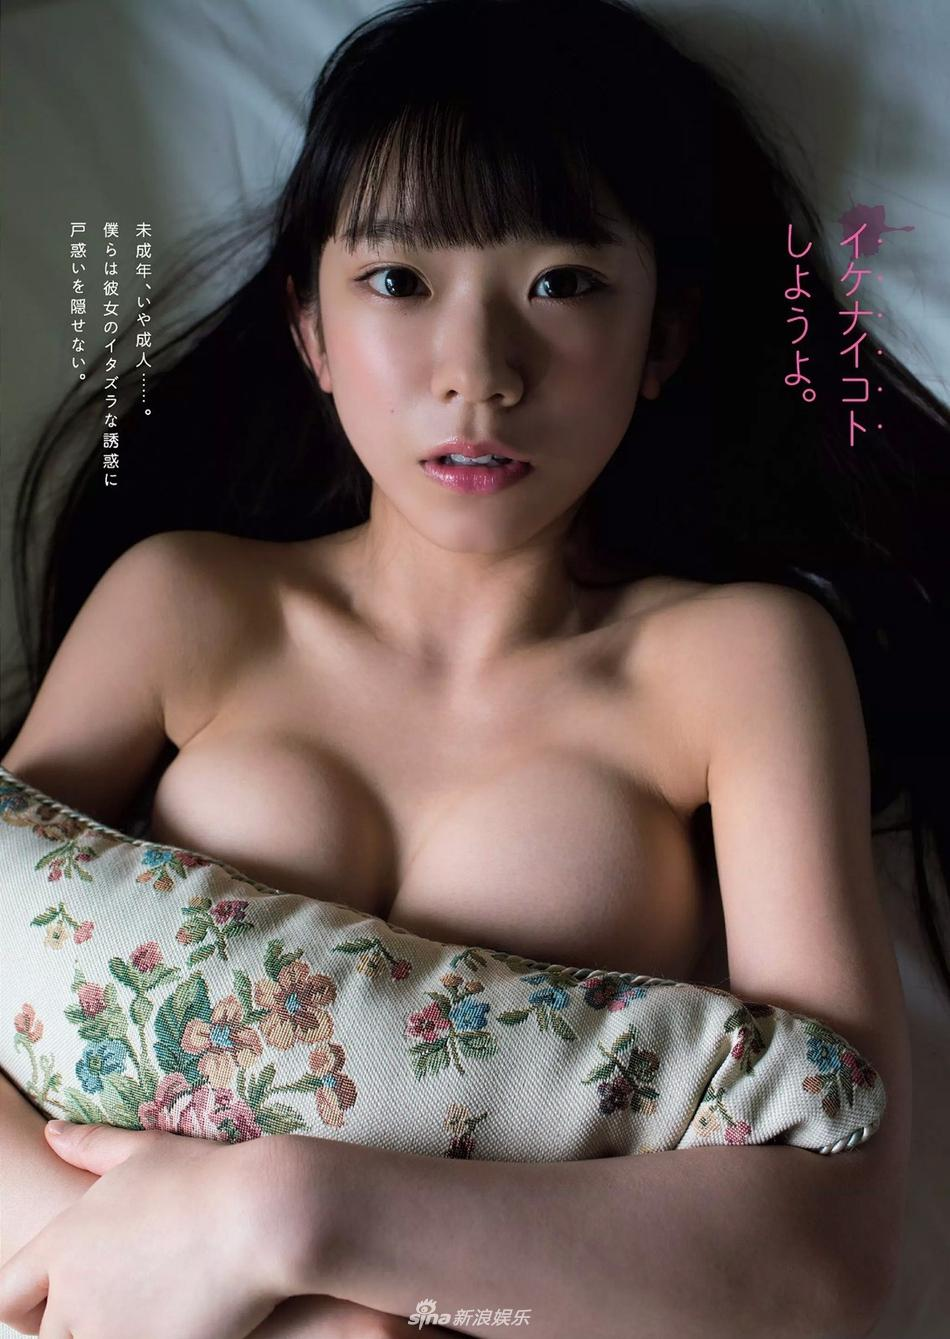 日本拍写真的小女孩有吗_组图:日本22岁\